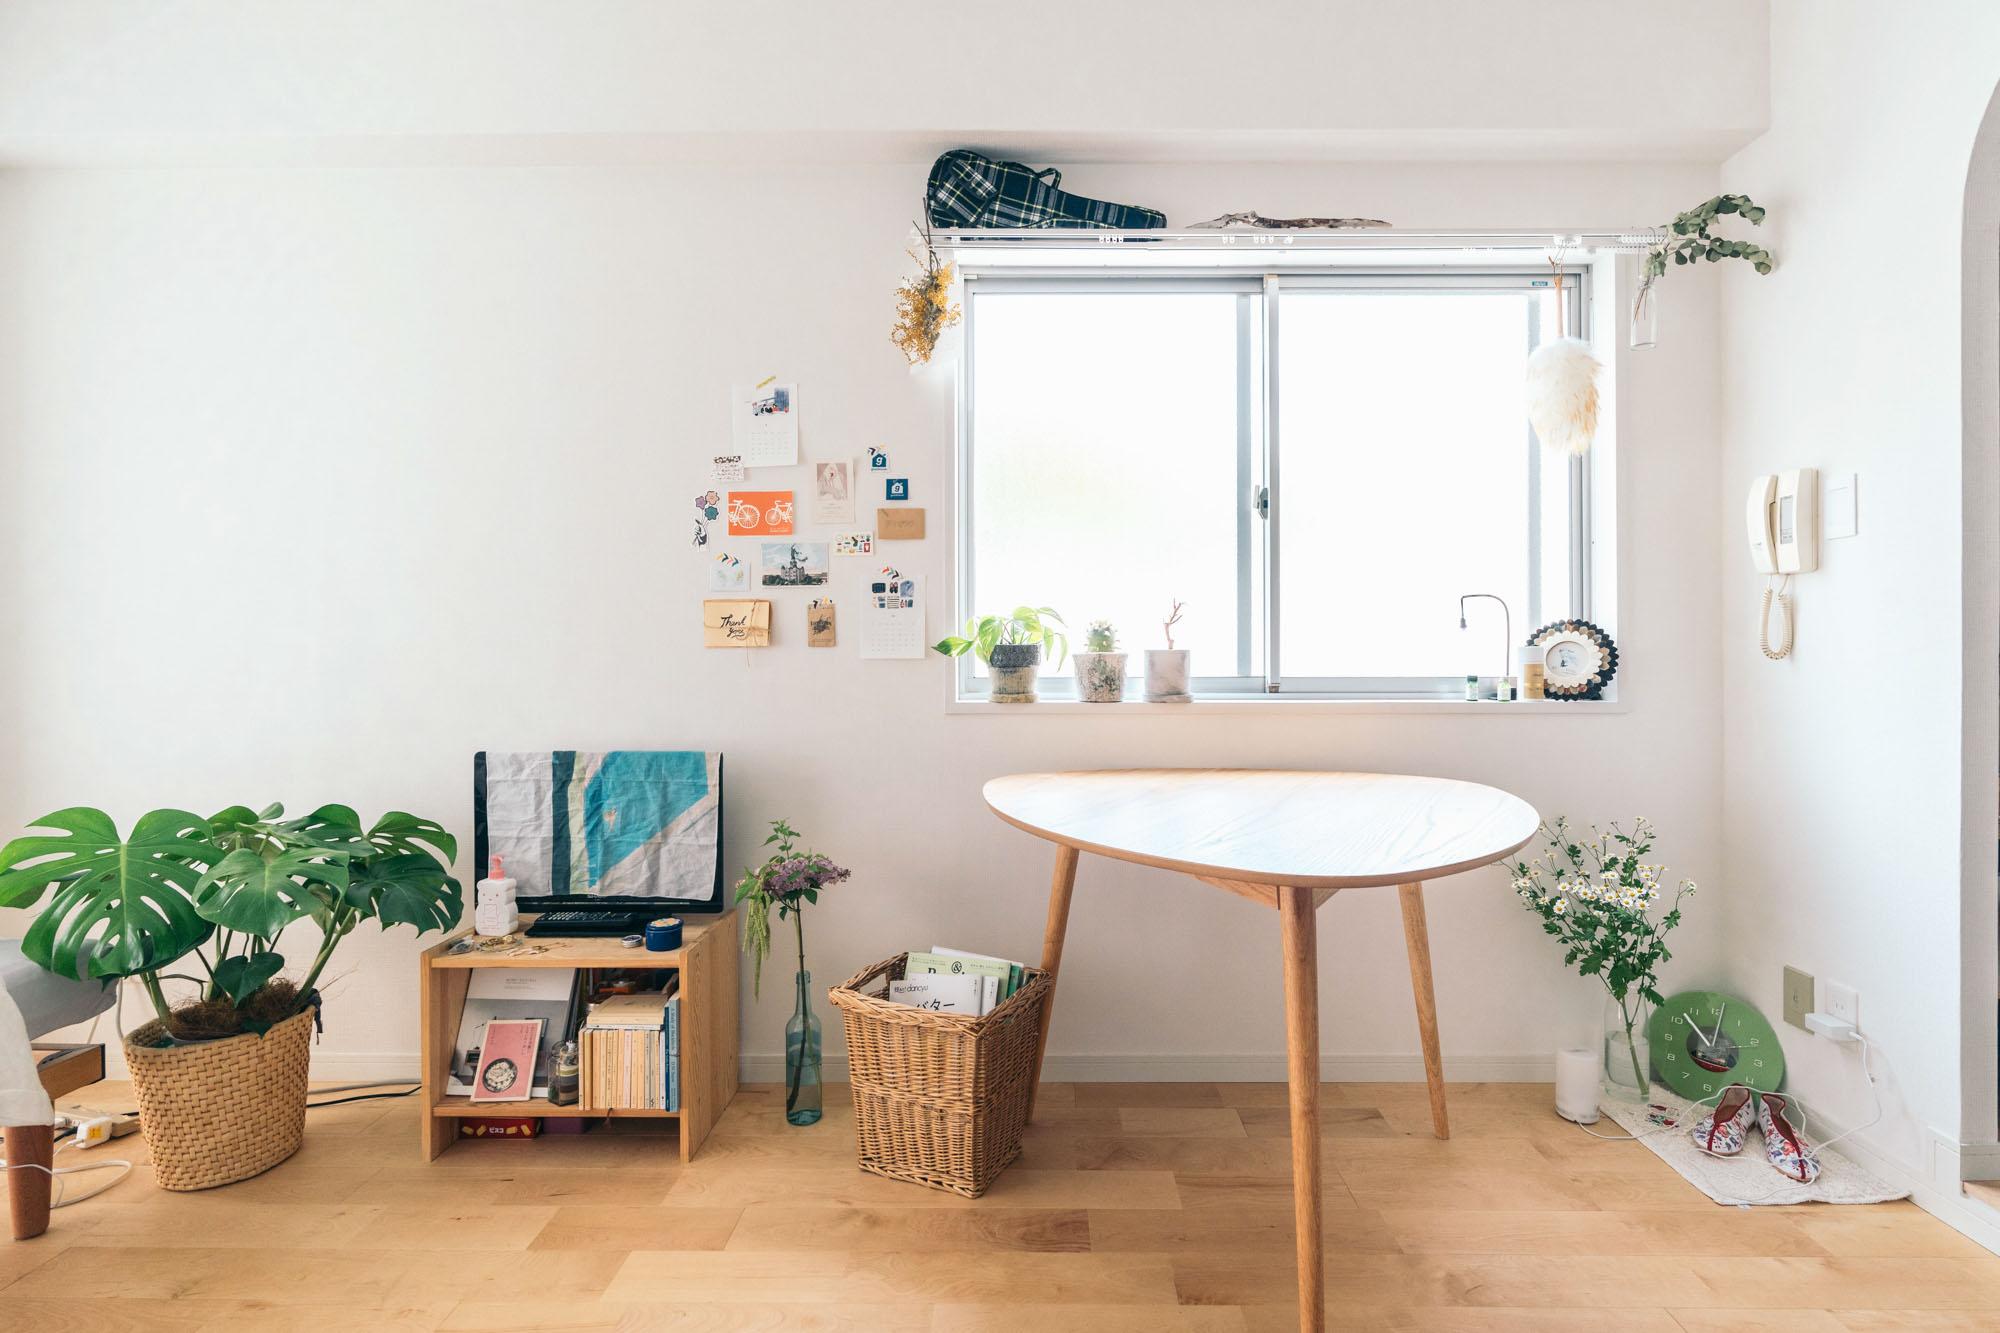 ちょっと高さをプラス。一人暮らしの部屋で仕事をするなら、ダイニングテーブル兼ワークデスクがおすすめ!